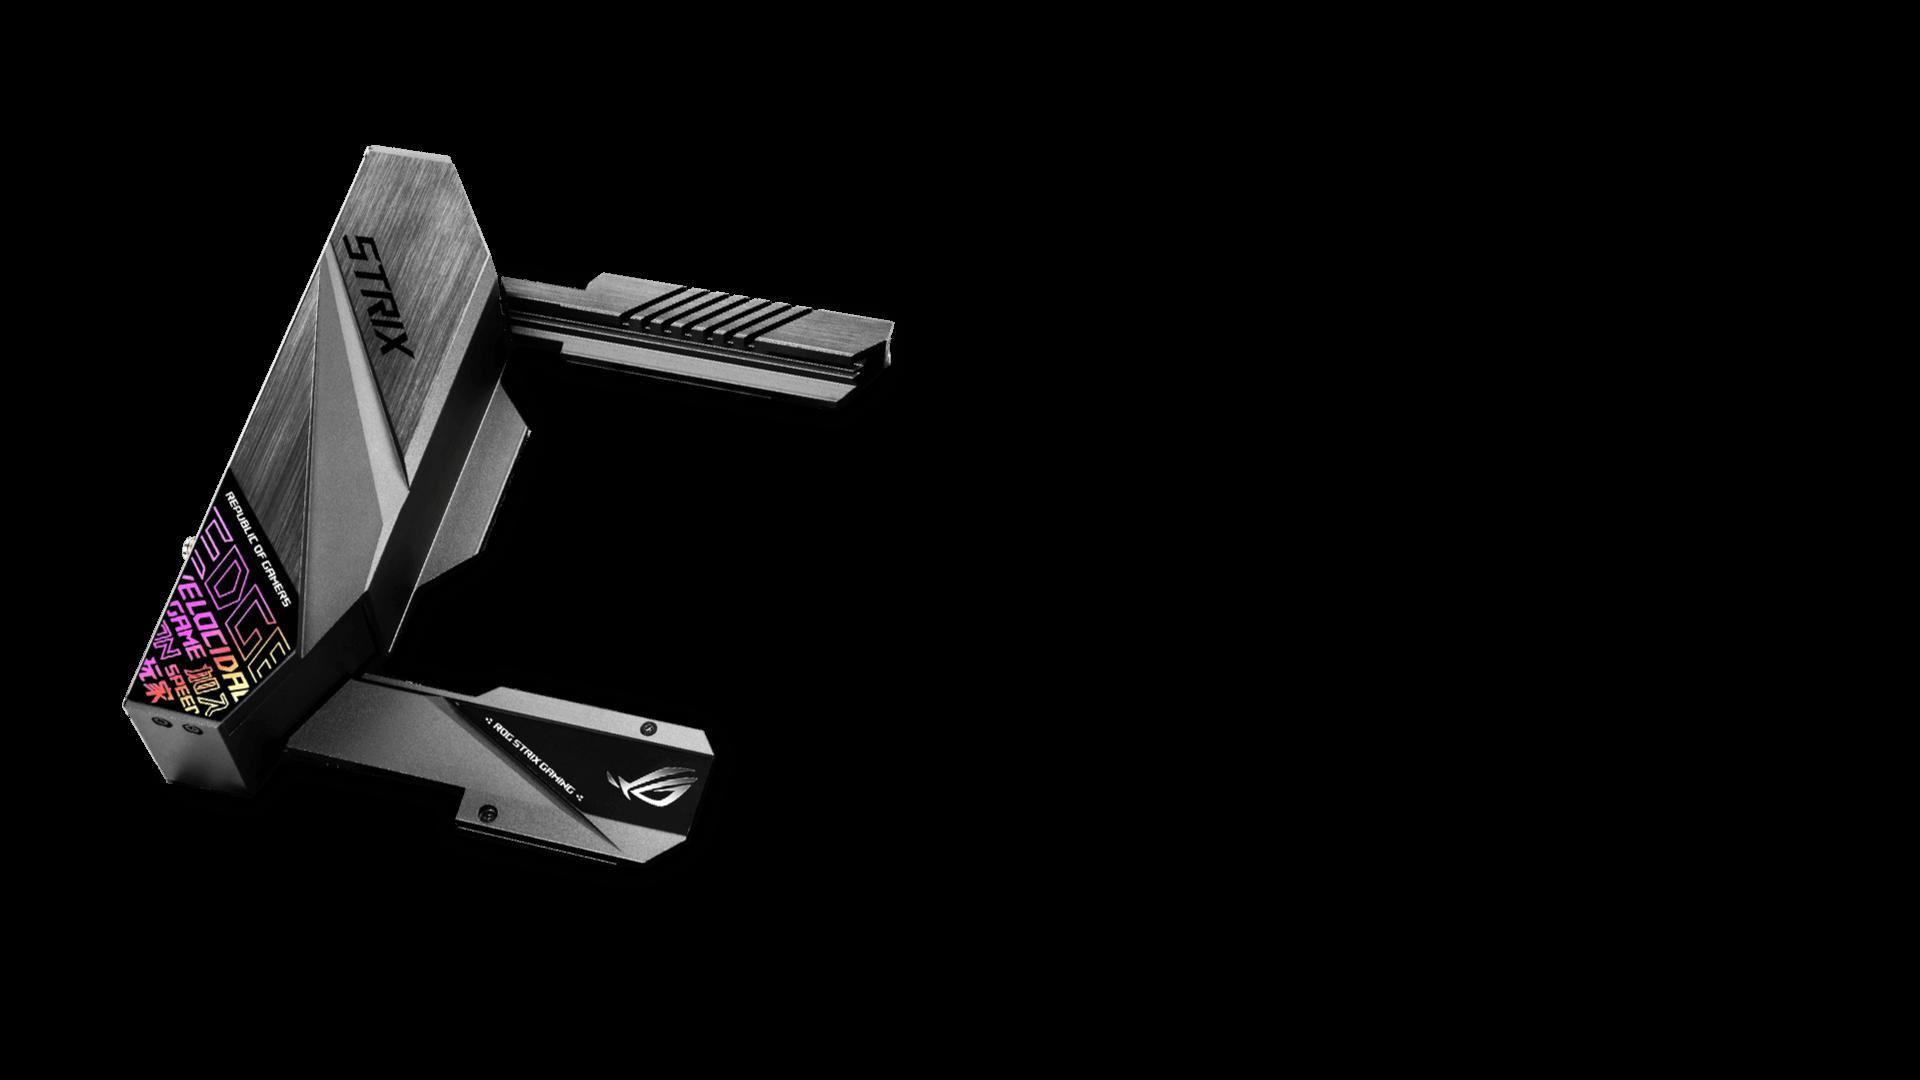 ROG Strix Z390-I